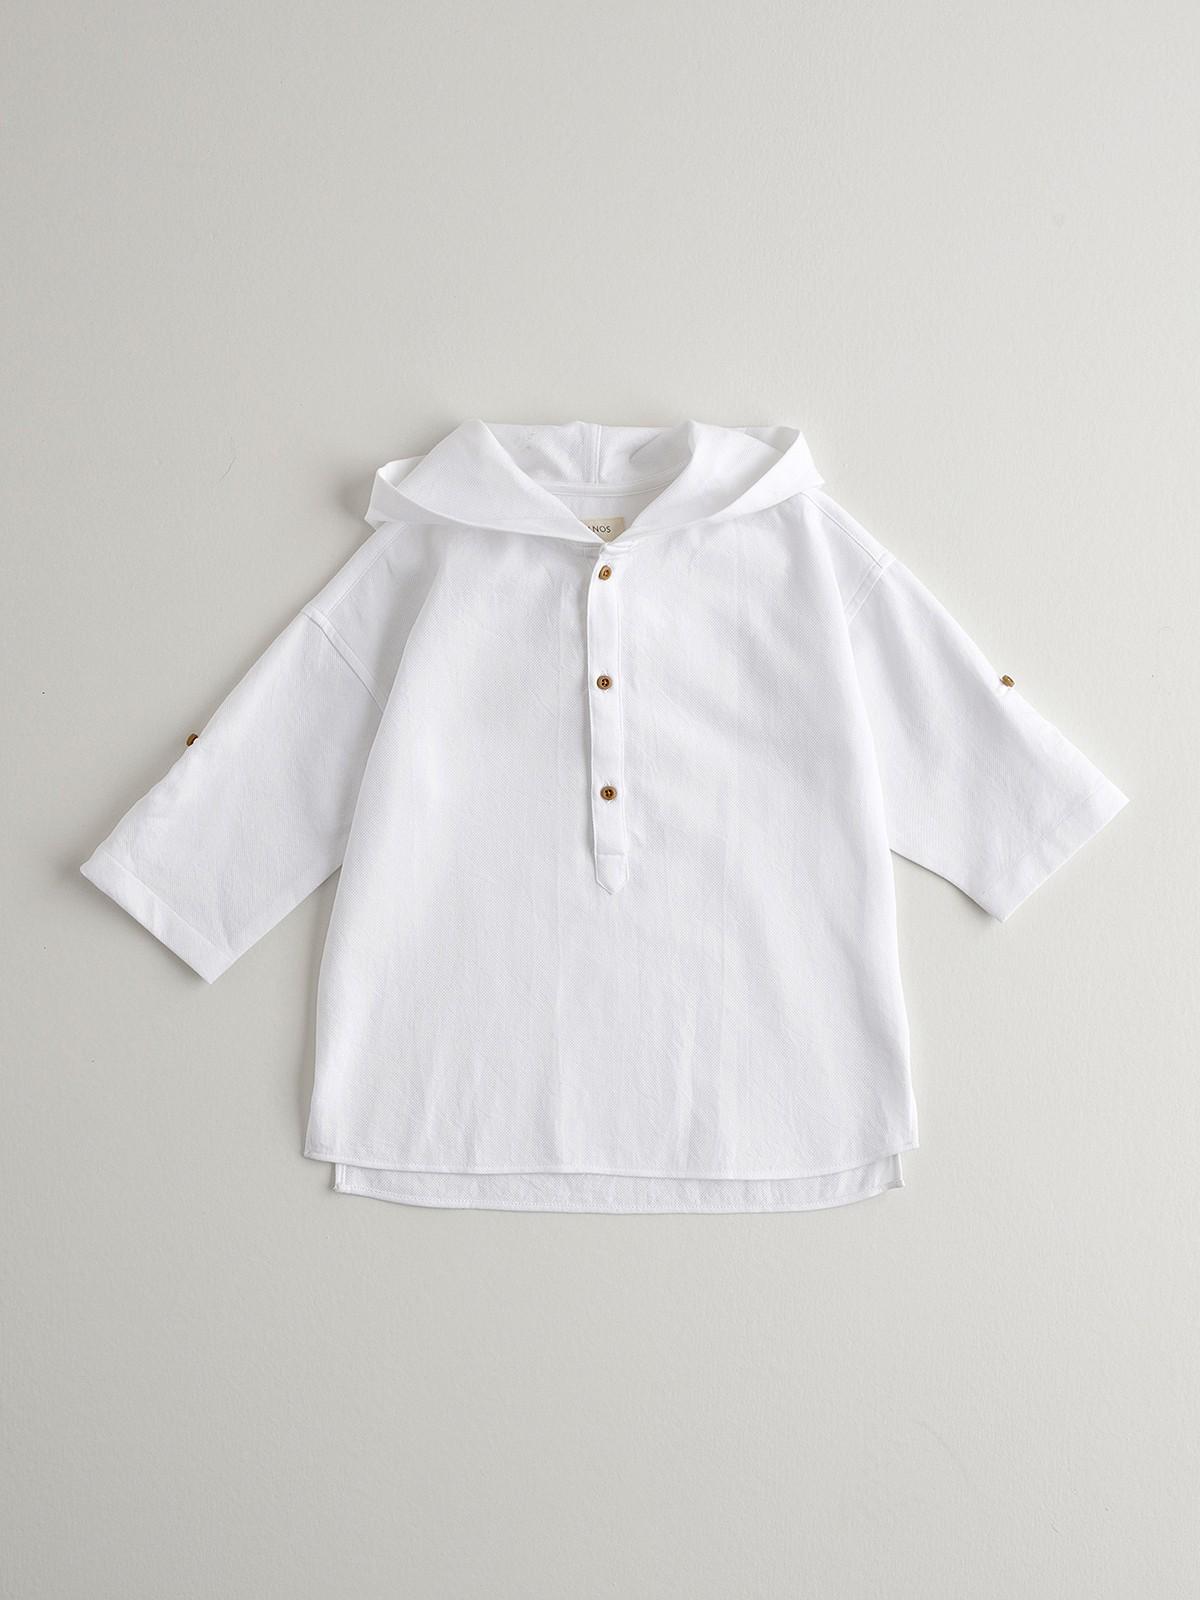 NANOS 白色罩衫